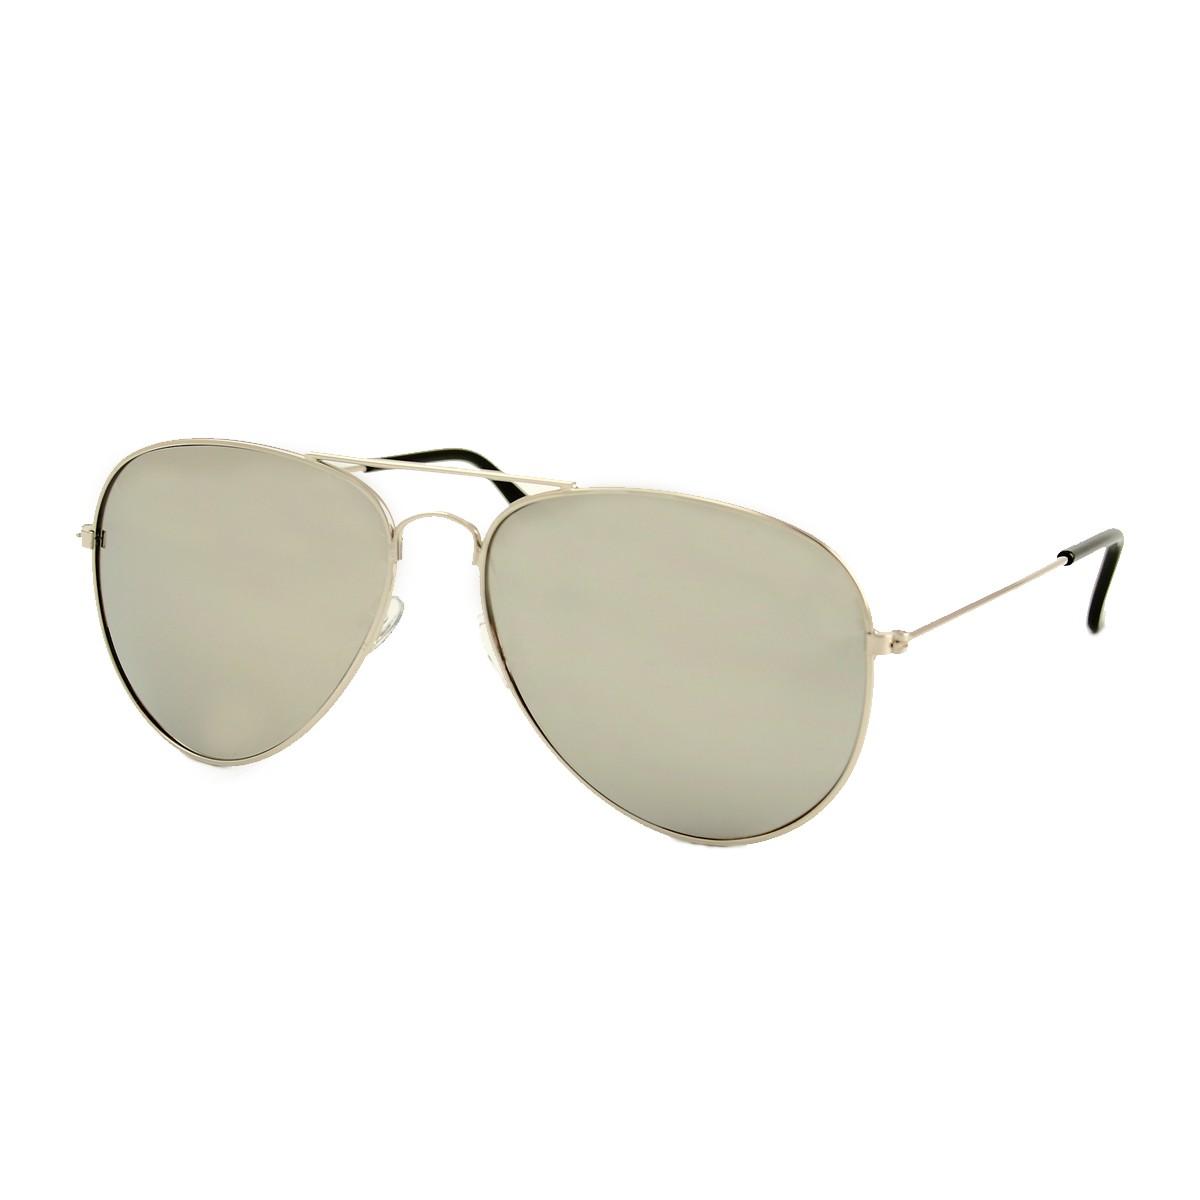 Silver aviator sunglasses - silver mirrored glass